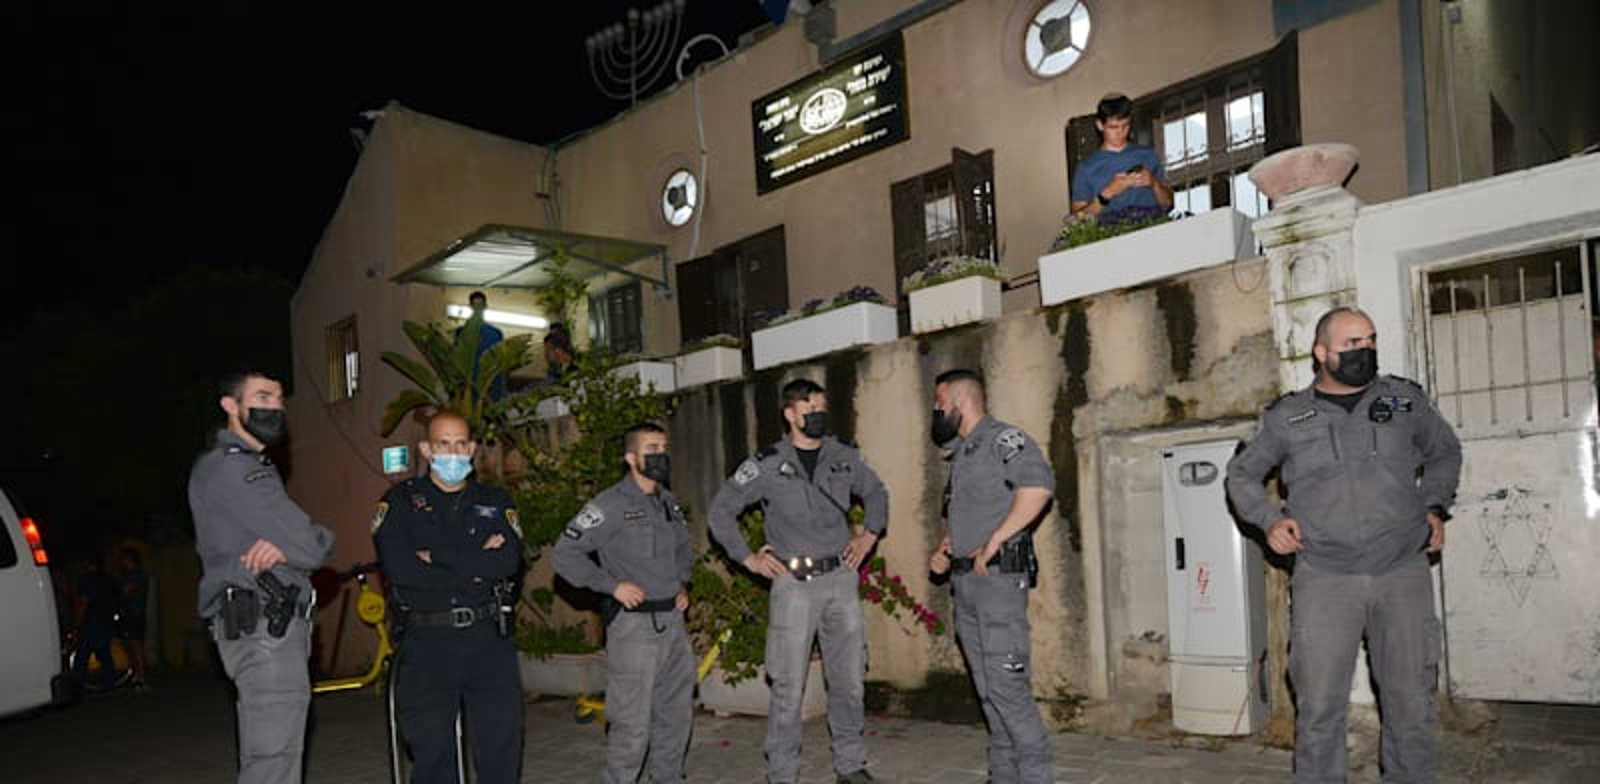 שוטרים ביפו בעקבות המהומות לאחר תקיפת הרב אליהו מאלי / צילום: איל יצהר